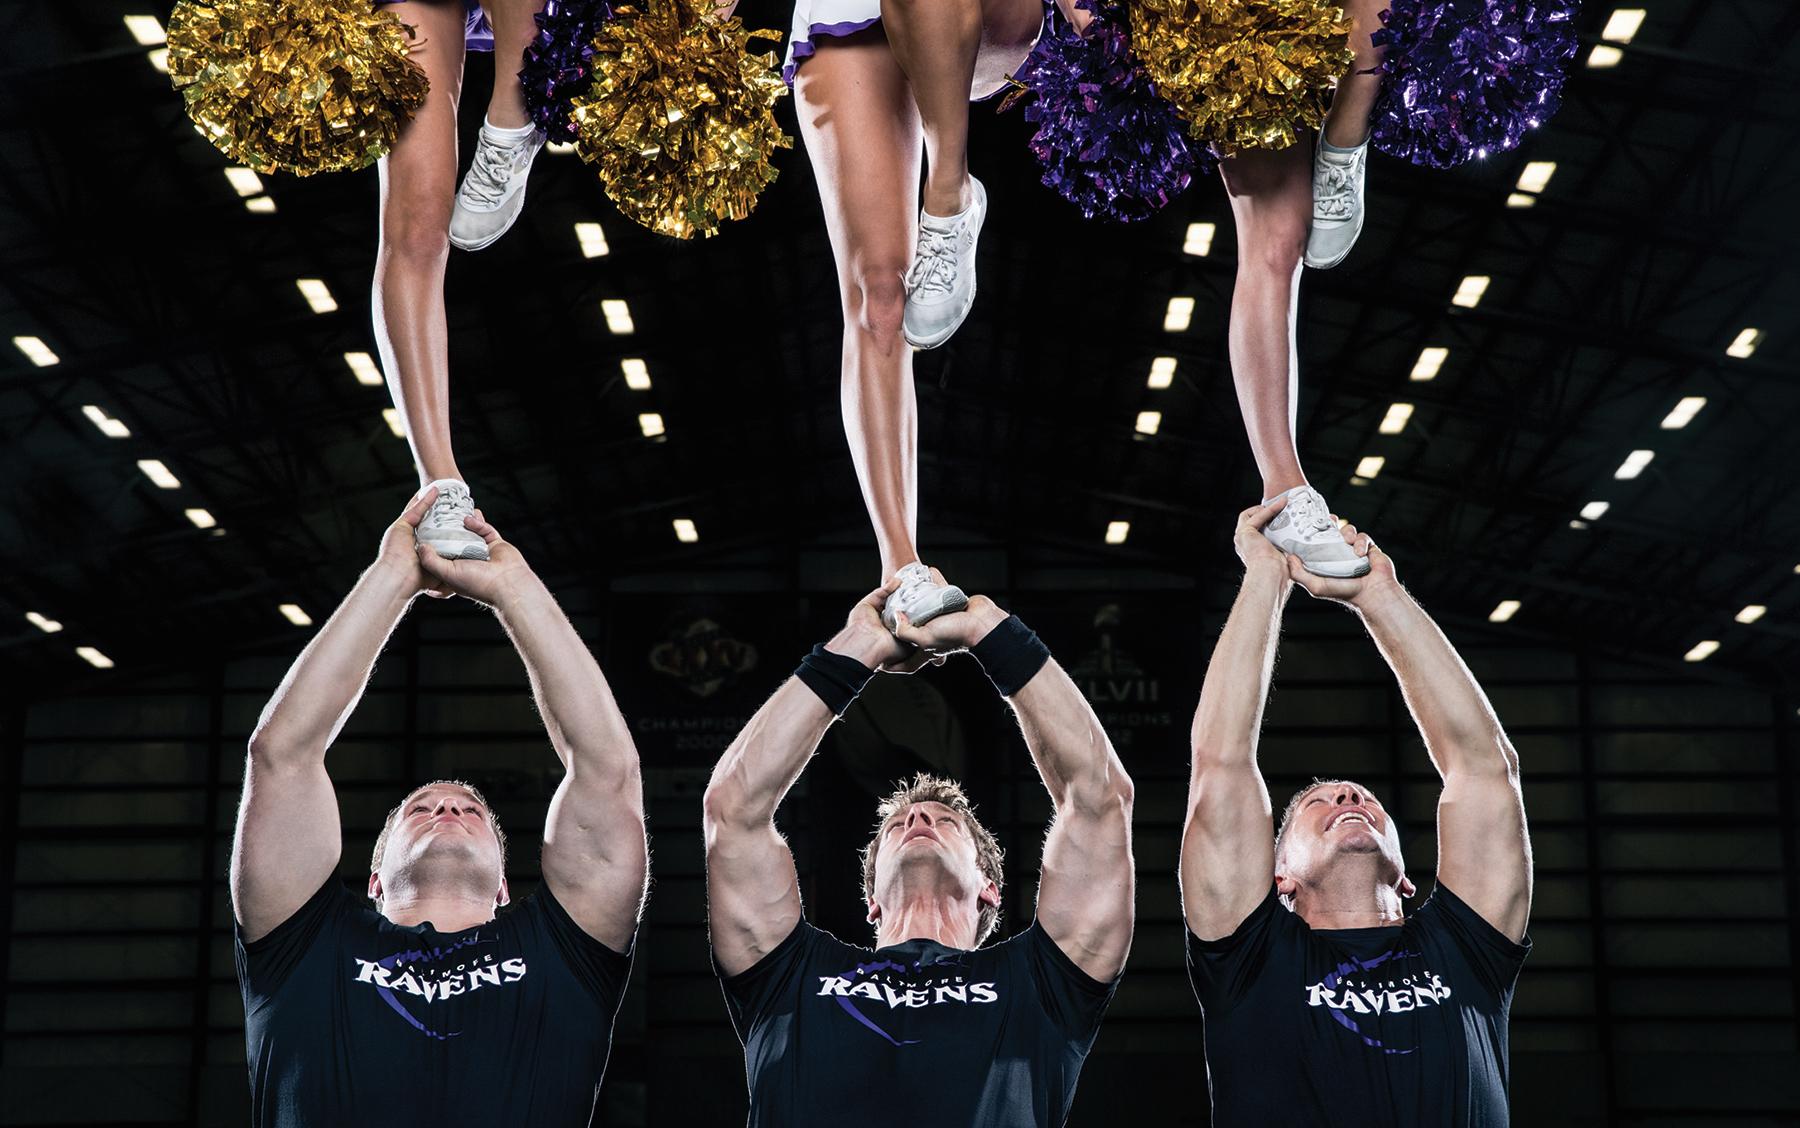 The Ravens Male Cheerleaders Elevate Their Sport